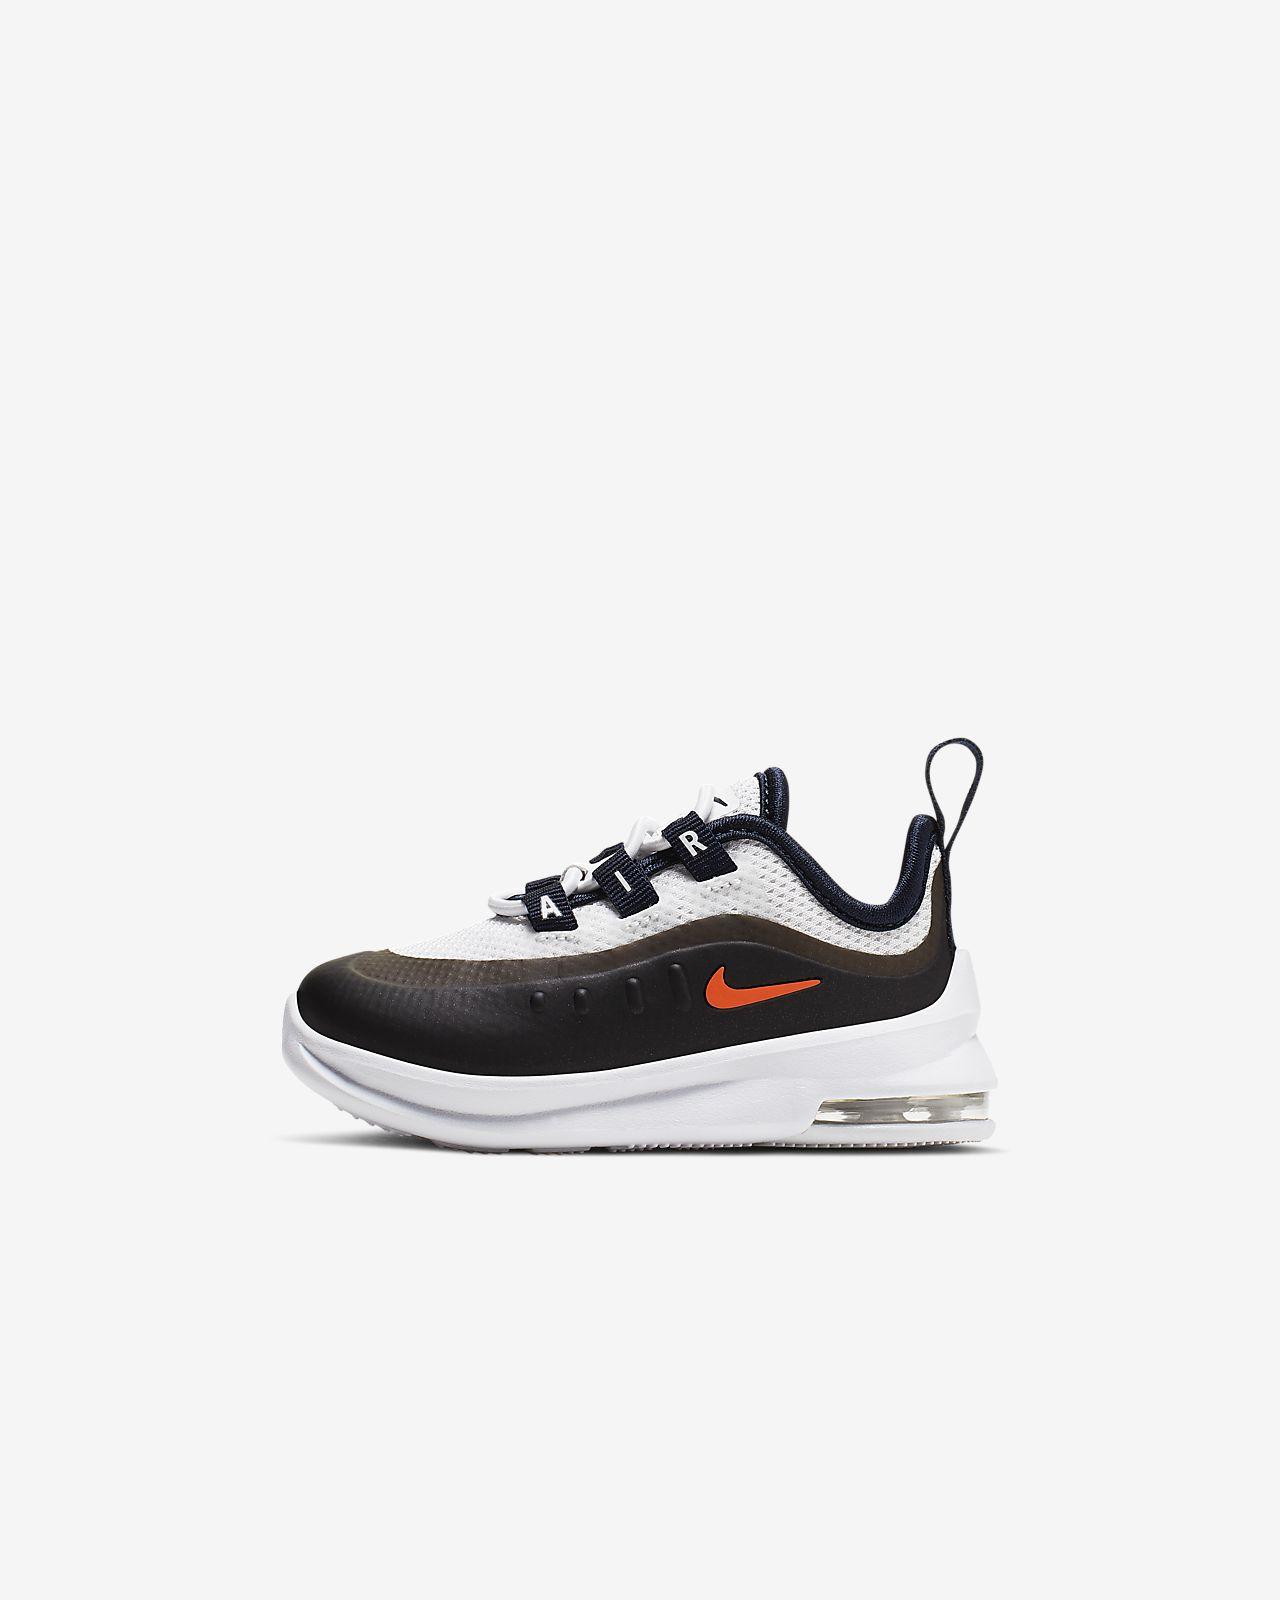 nouveau style de rabais de premier ordre 2019 meilleures ventes Chaussure Nike Air Max Axis pour Bébé/Petit enfant